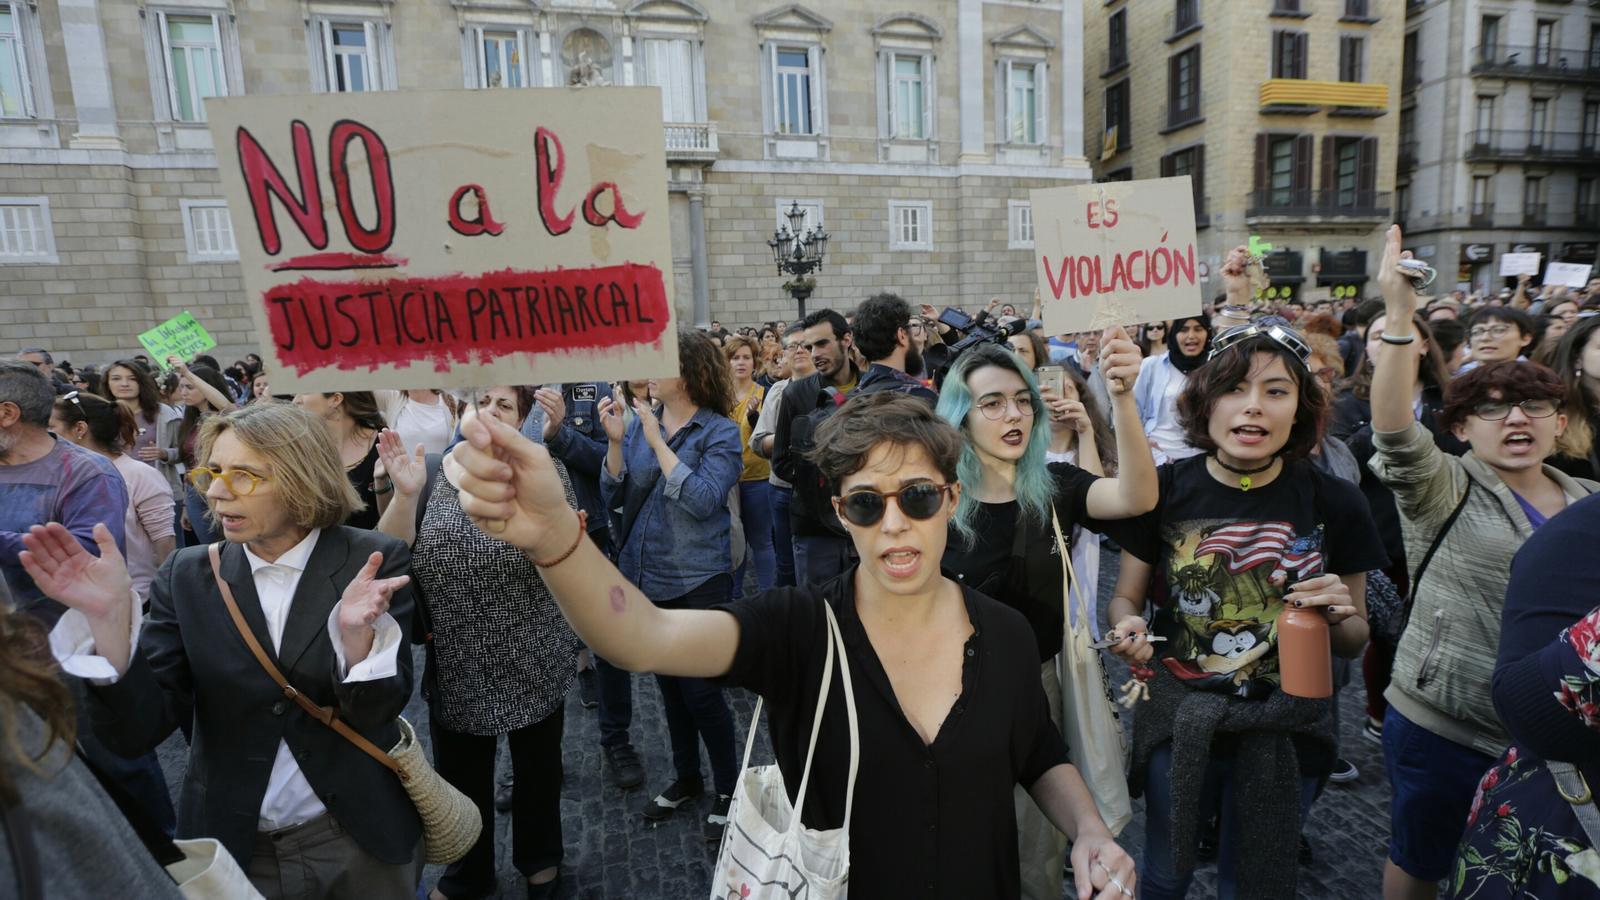 Milers de persones –la majoria dones– s'han concentrat a la plaça Sant Jaume de Barcelona / CRISTINA CALDERER